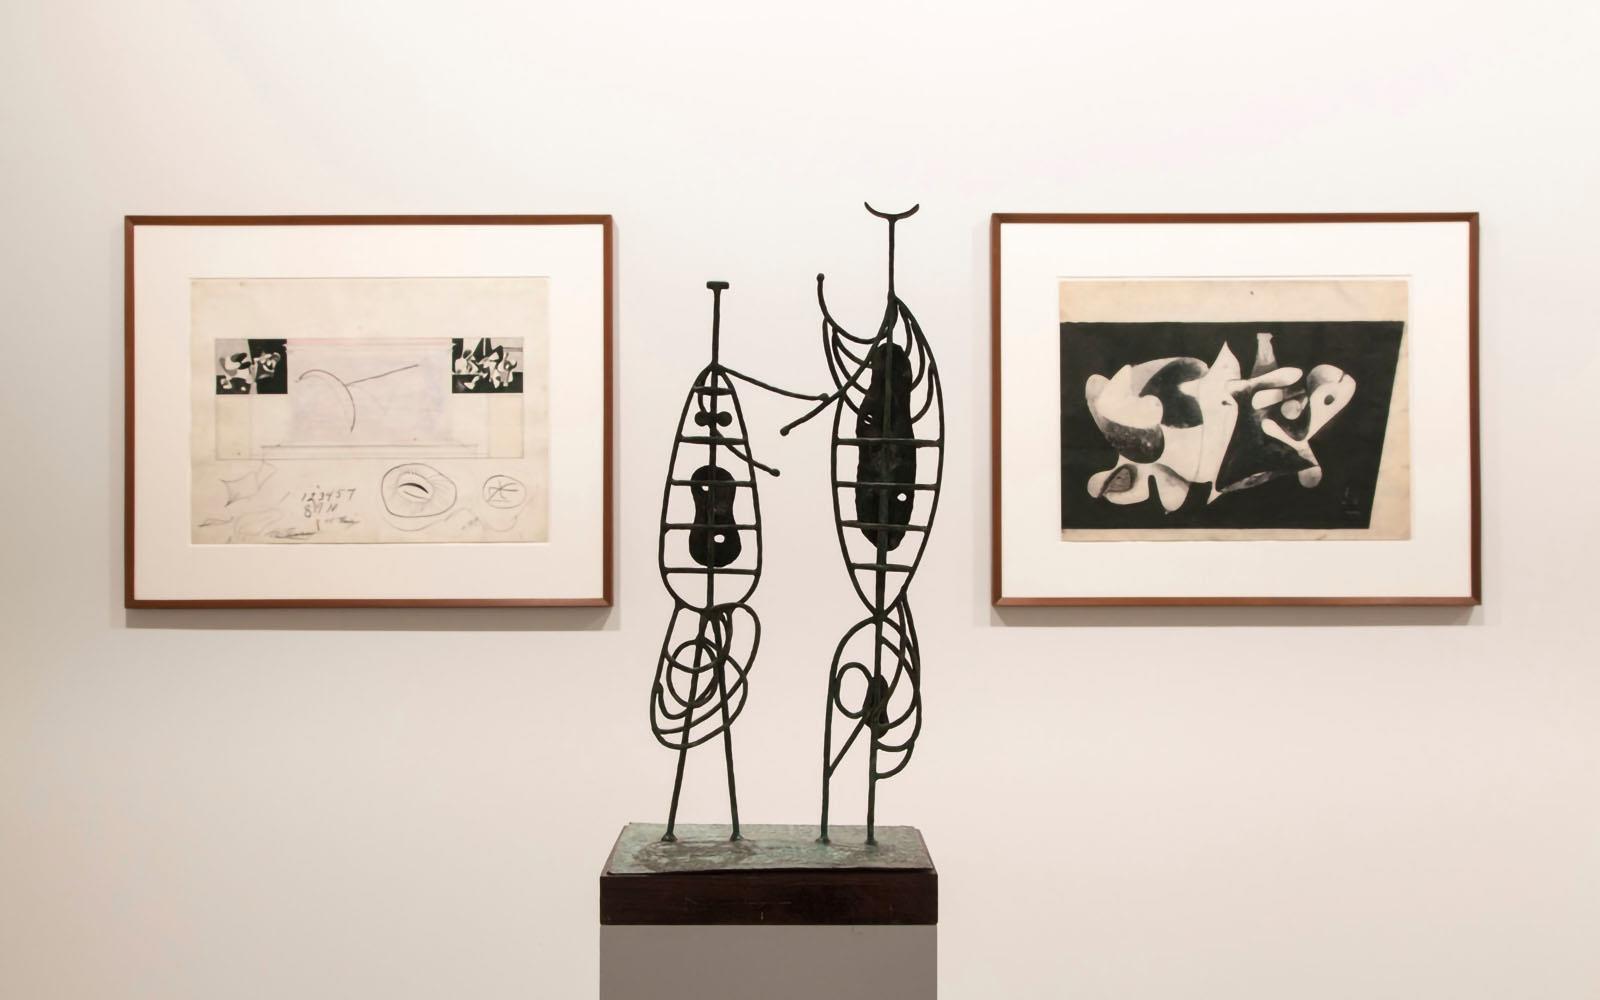 Arshile Gorky e a Coleção